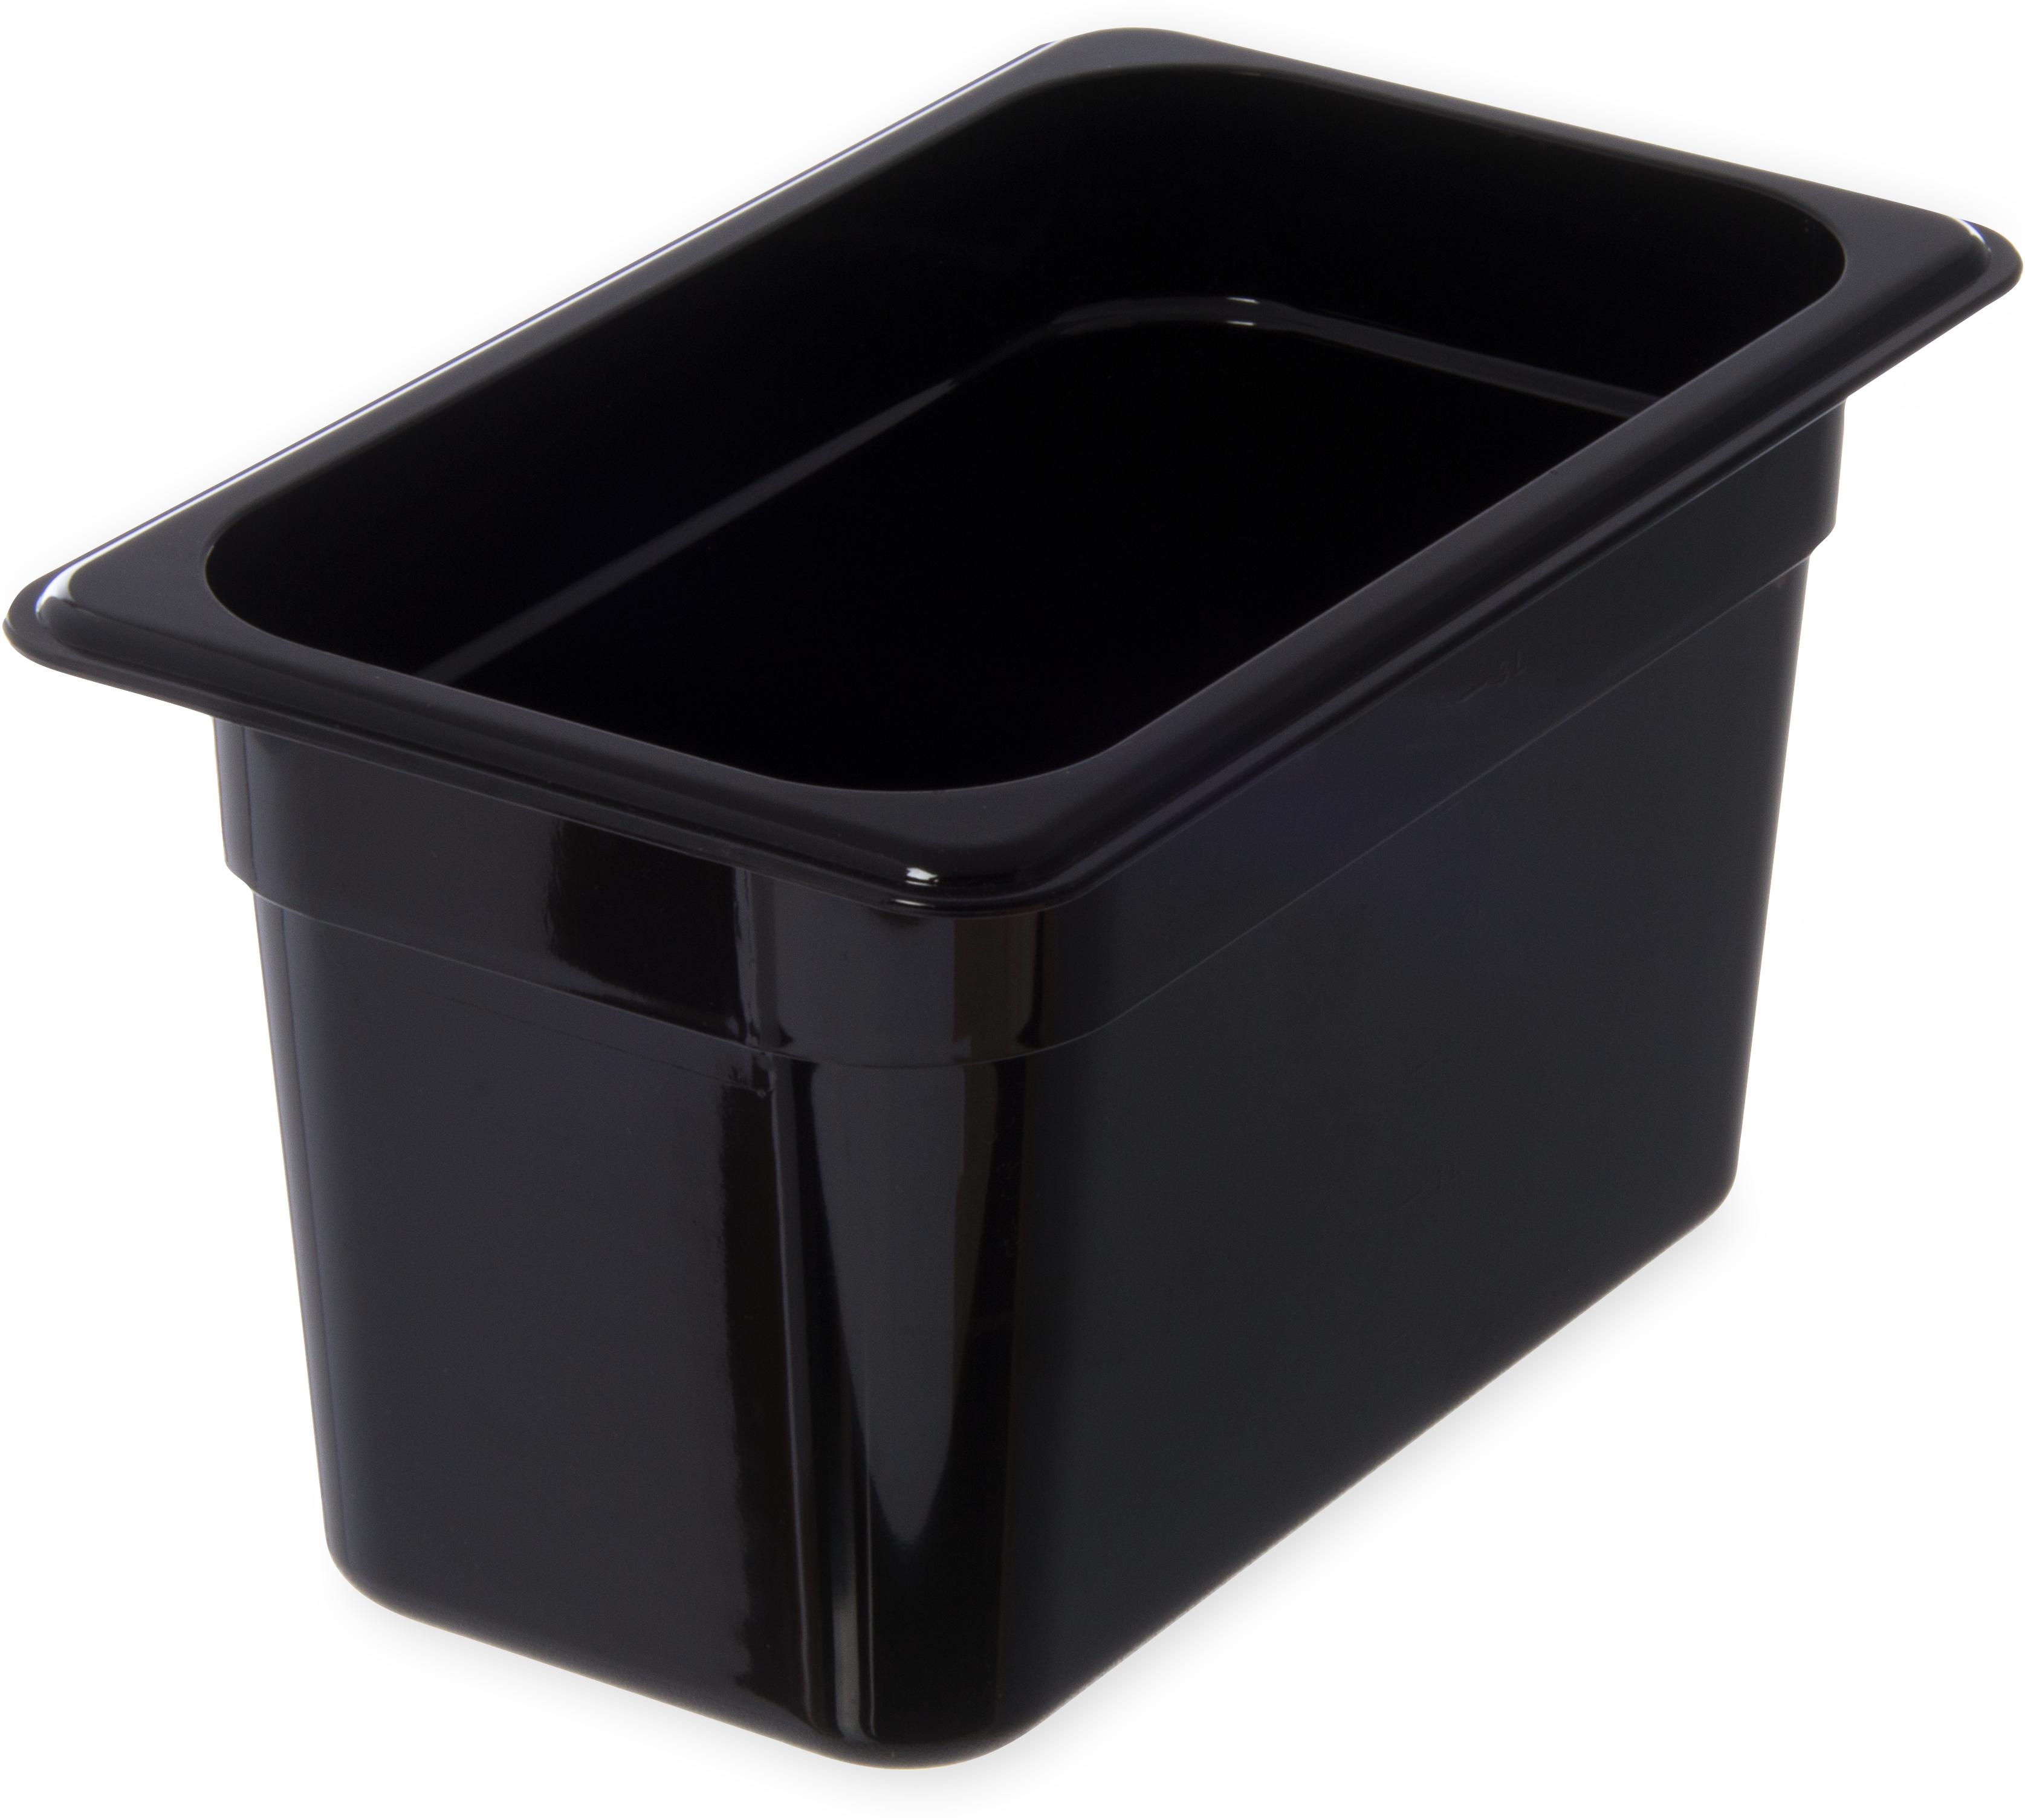 StorPlus Food Pan PC 6 DP 1/4 Size - Black